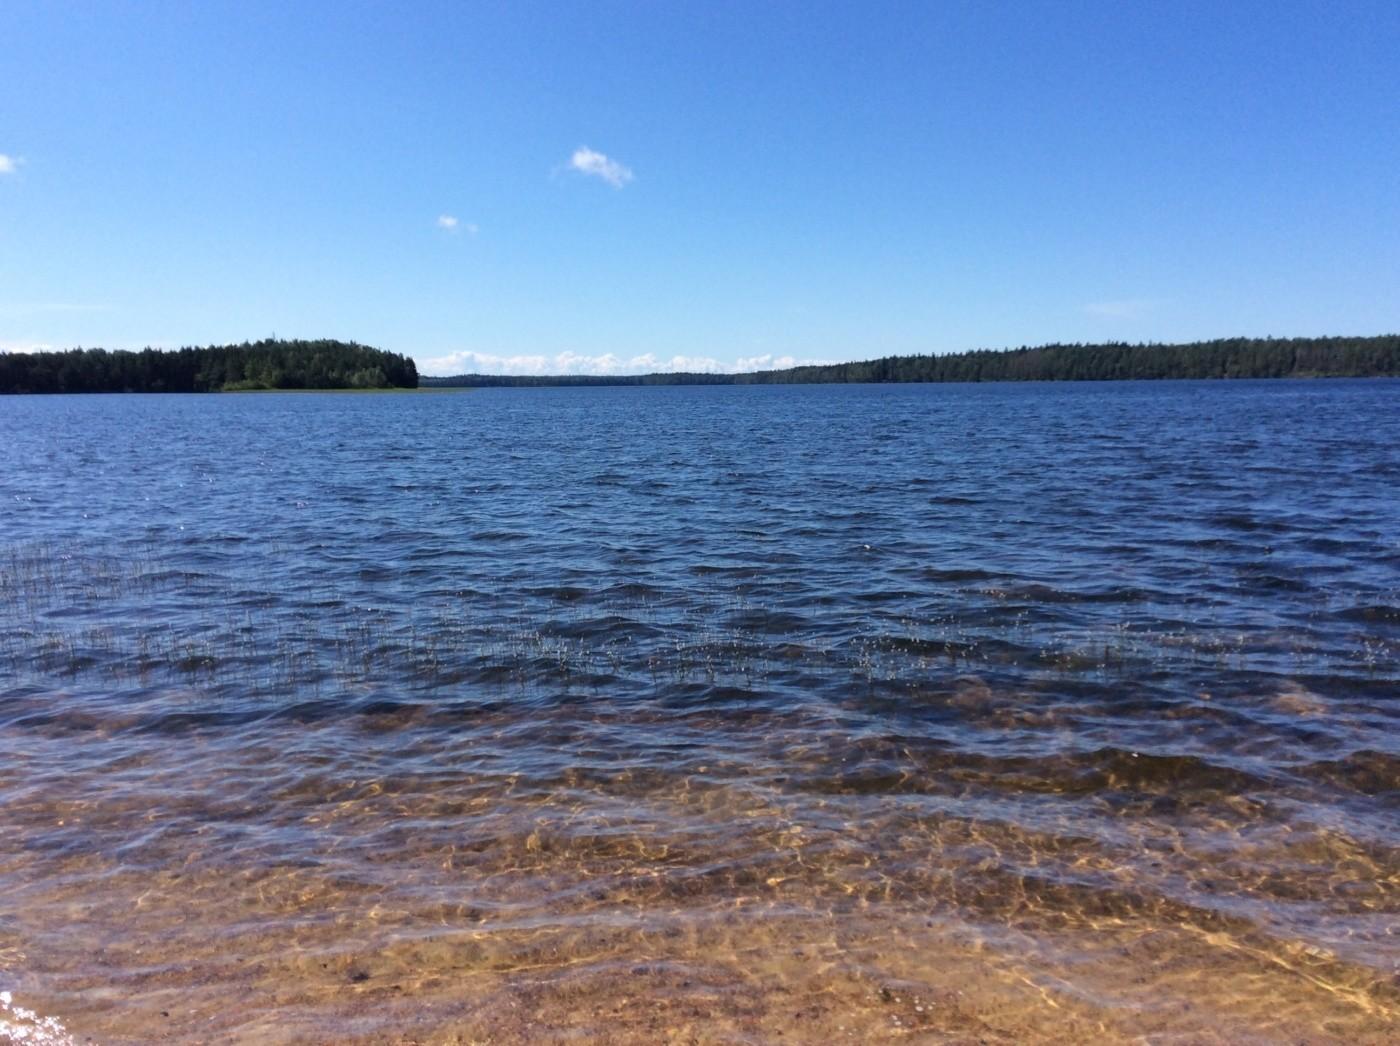 Озеро Белое: природный водоем в сердце полуострова